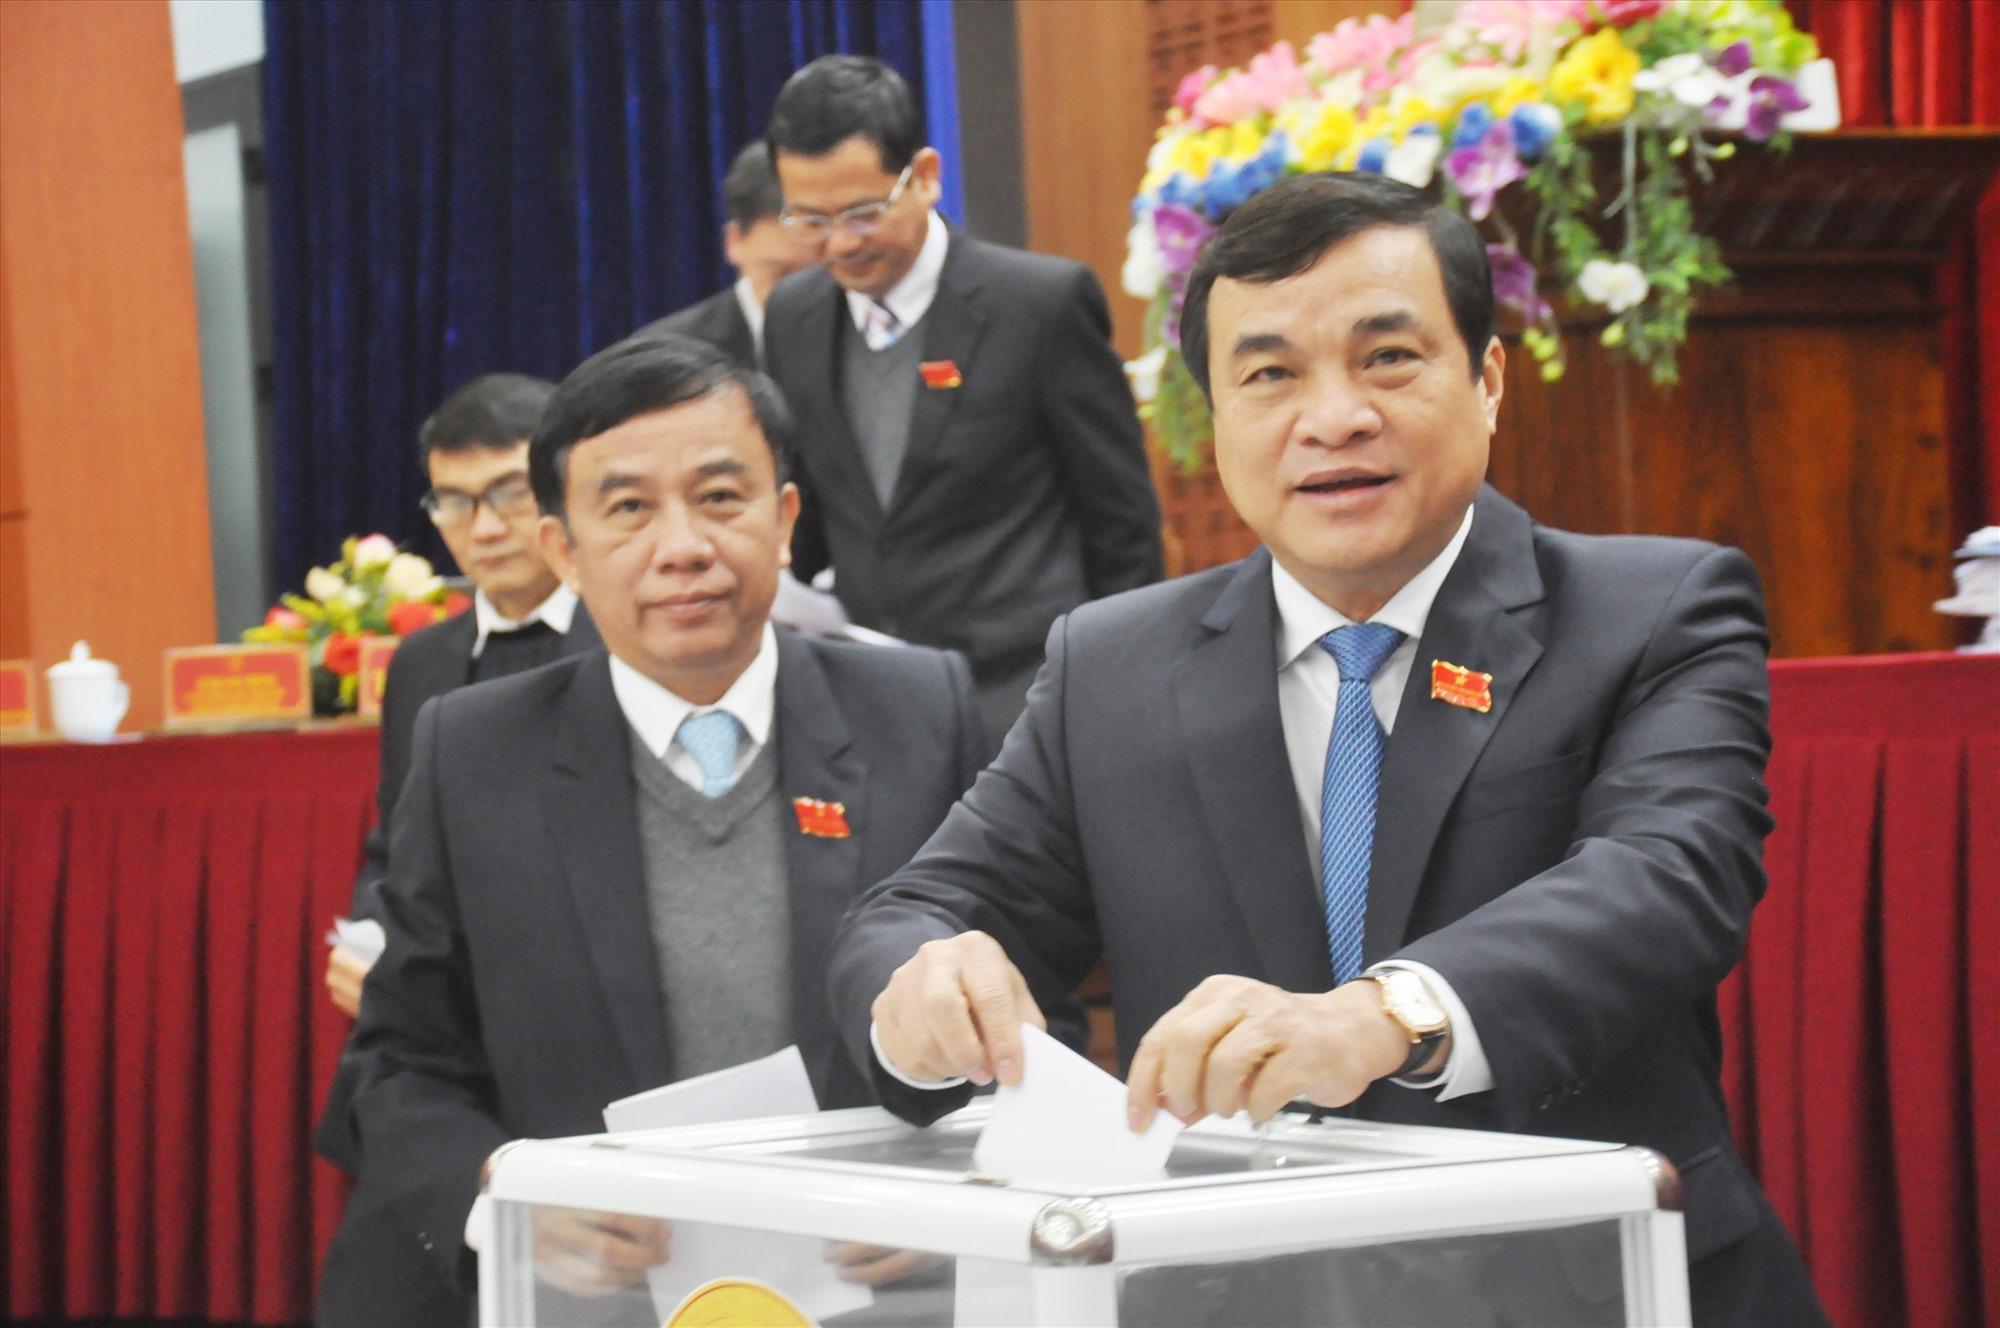 Ông Nguyễn Công Thanh được bầu giữ chức danh Phó Chủ tịch HĐND tỉnh khóa IX